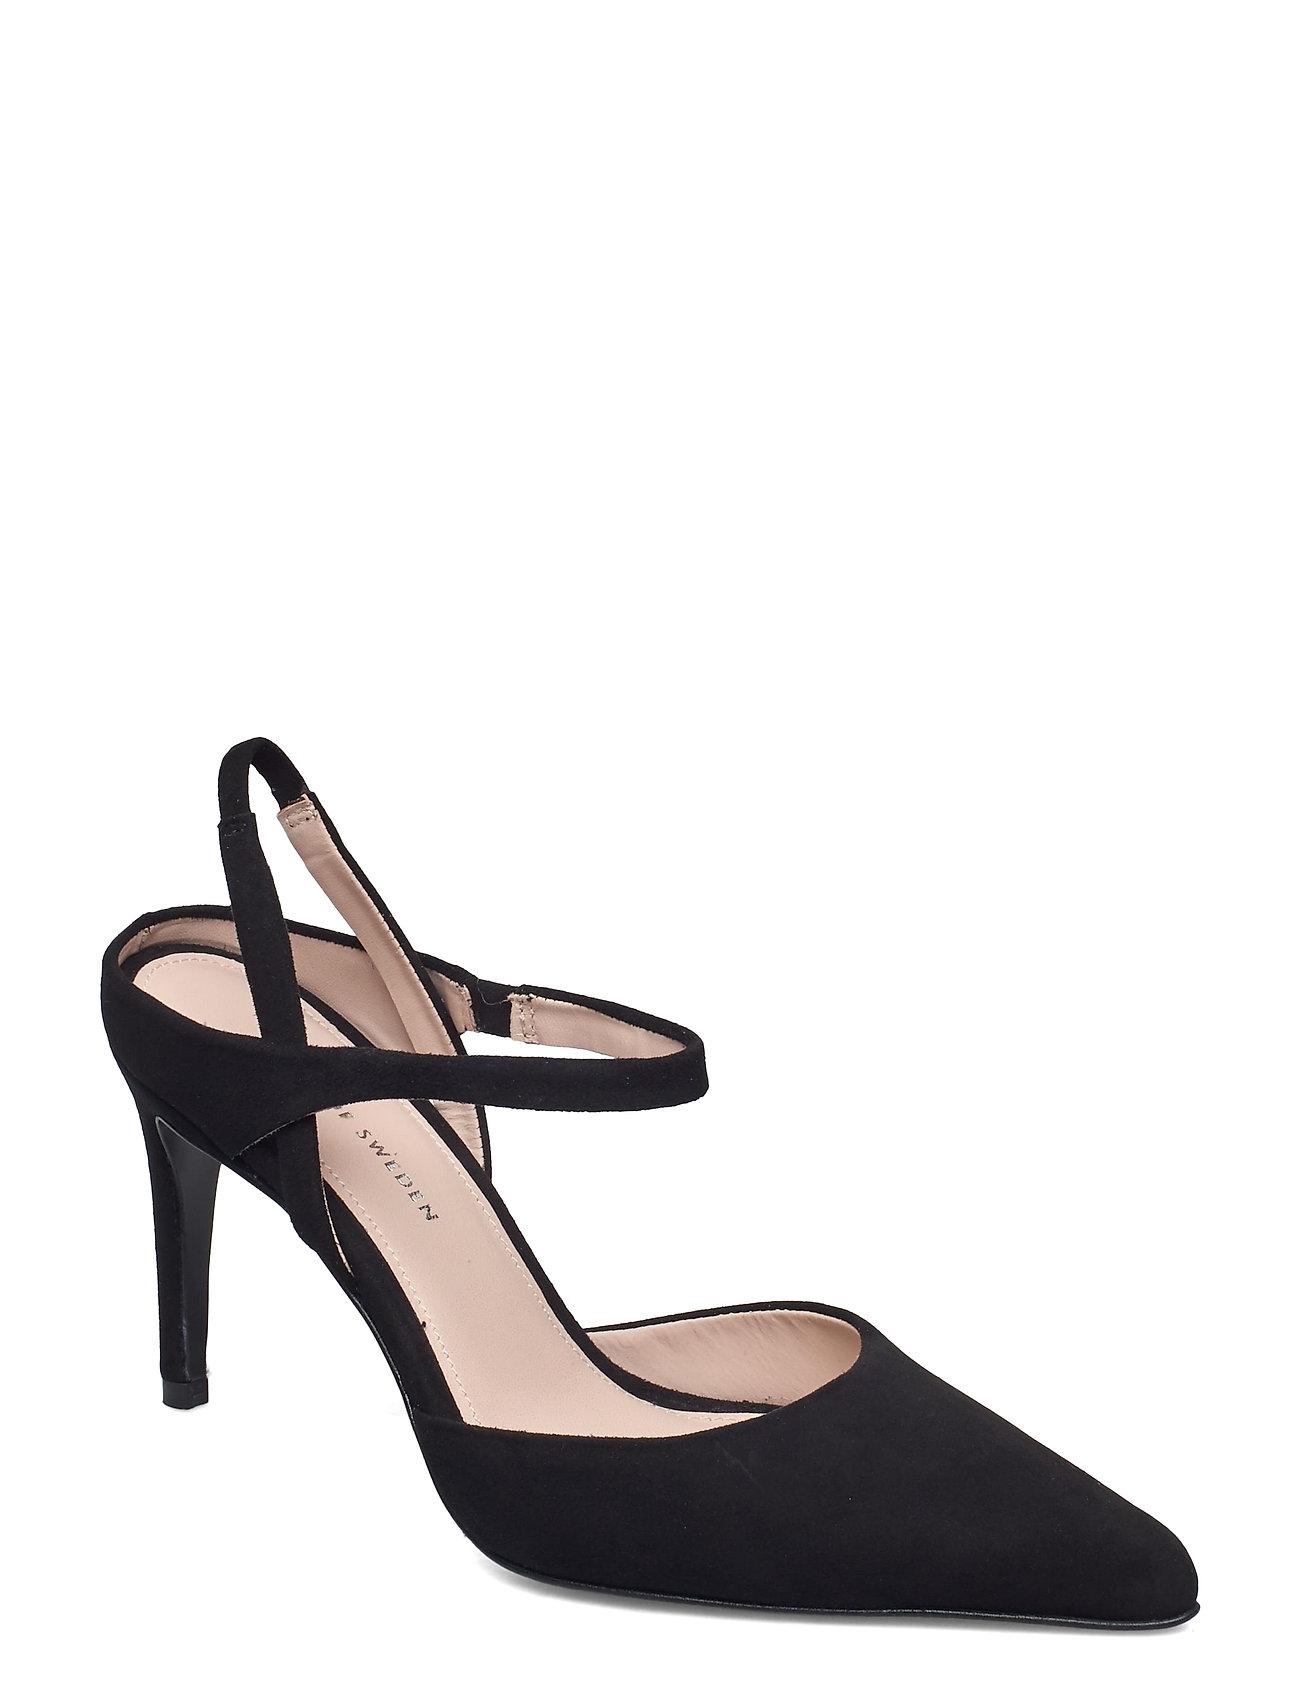 Image of Alpiara Shoes Heels Pumps Sling Backs Sort Tiger Of Sweden (3469873735)